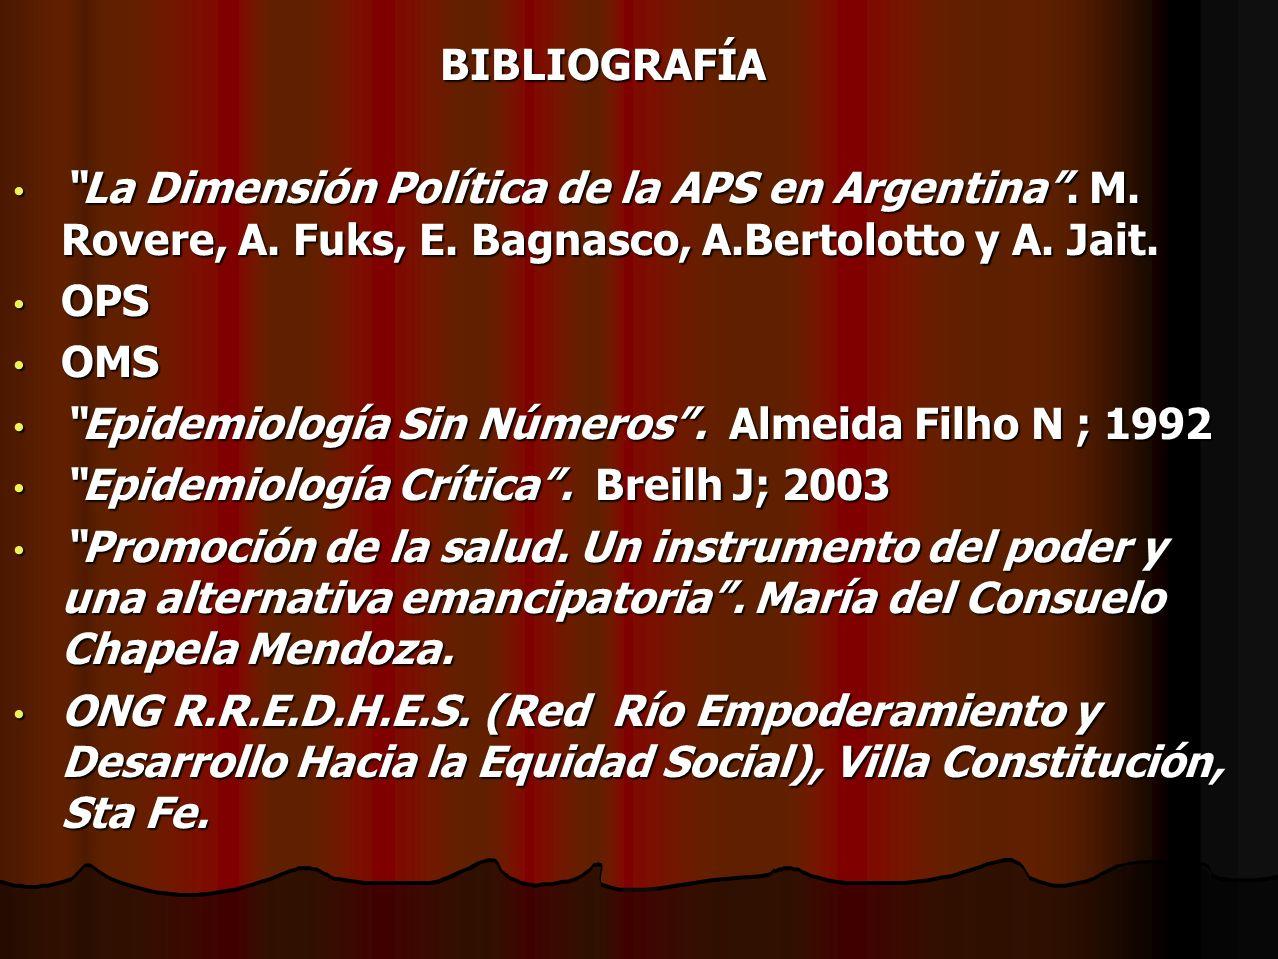 BIBLIOGRAFÍA BIBLIOGRAFÍA La Dimensión Política de la APS en Argentina. M. Rovere, A. Fuks, E. Bagnasco, A.Bertolotto y A. Jait. La Dimensión Política